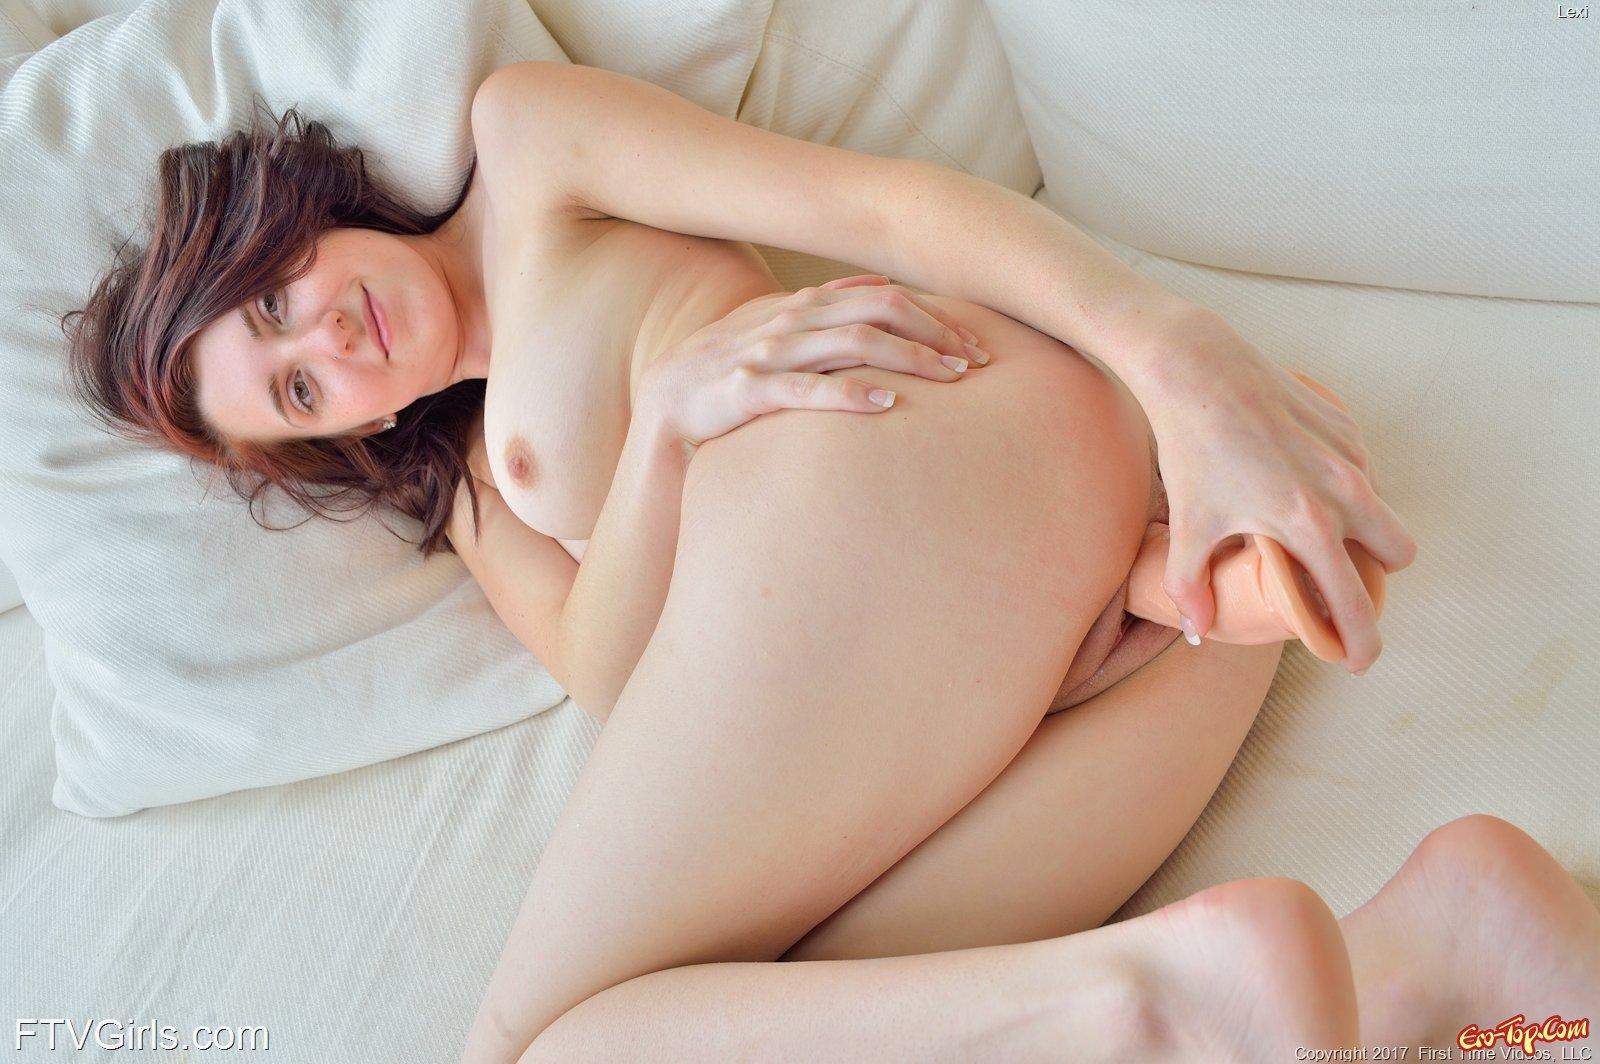 Голая девушка в постели с большим дилдо